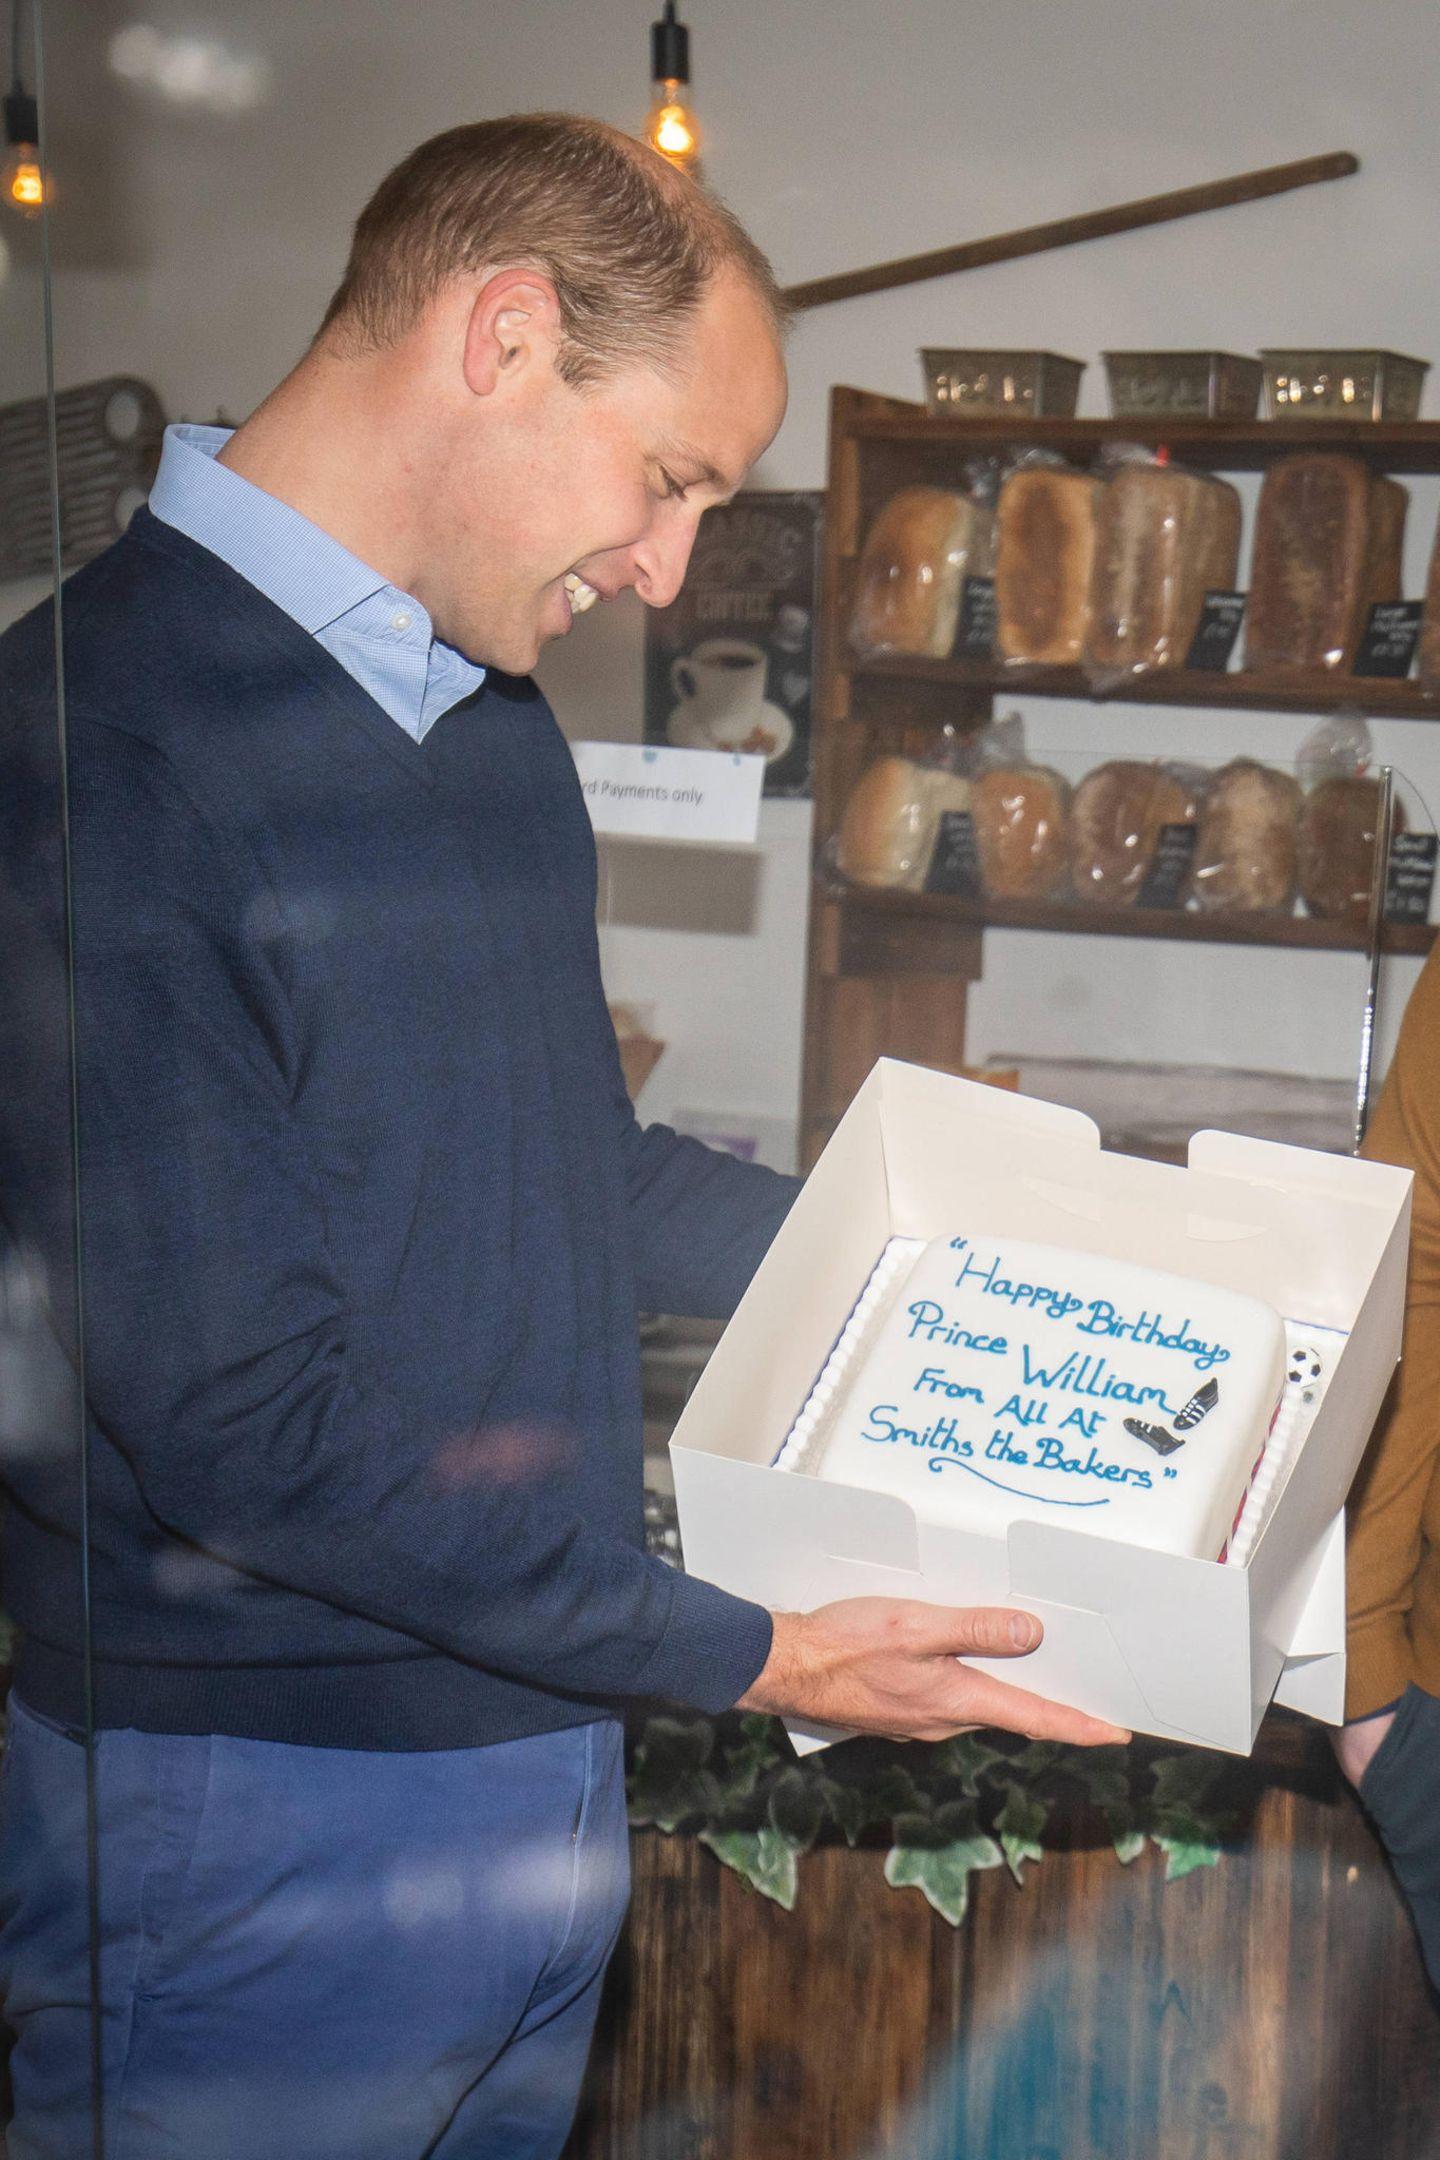 """19. Juni 2020  Prinz William besucht die Bäckerei """"Smith - The Bakers"""" in King's Lynn, Norfolk. Einen Tag zu früh bekommt der Fußballfan einen mit Fondant überzogenenGeburtstagskuchen überreicht, der mit Fußballschuhen im XS-Format verziert ist. Bis morgen hält sich der im Kühlschrank..."""